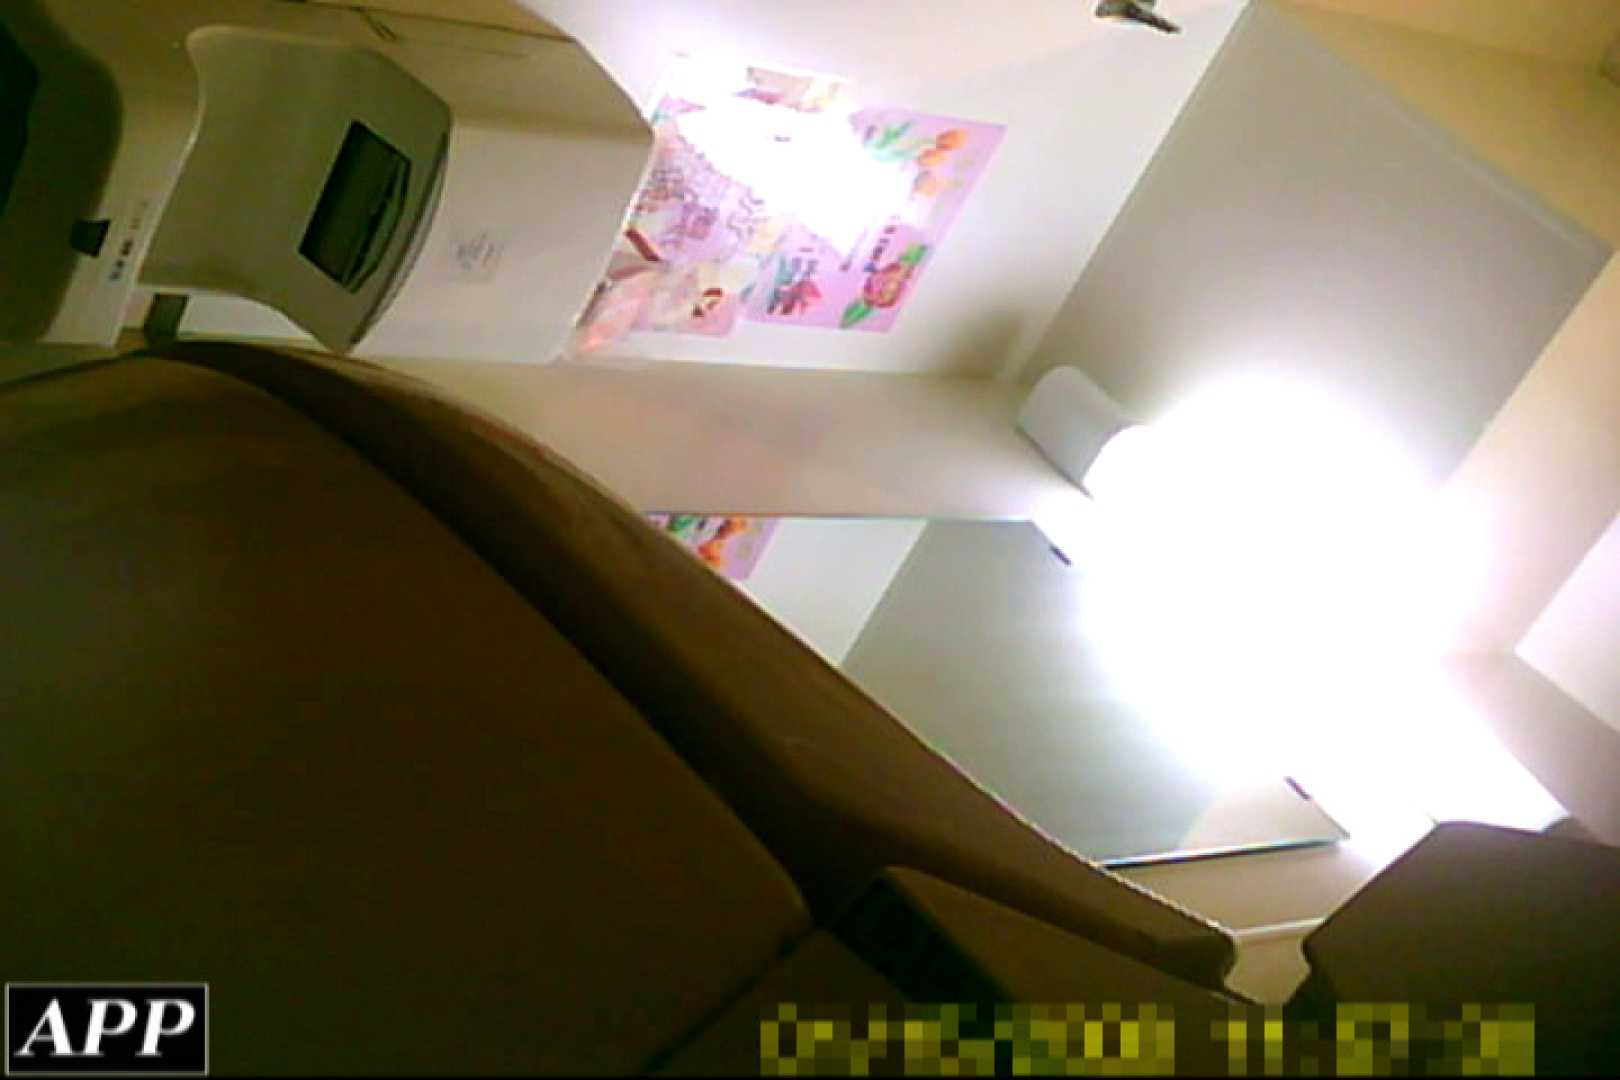 3視点洗面所 vol.125 オマンコ大好き   マンコ  57画像 57